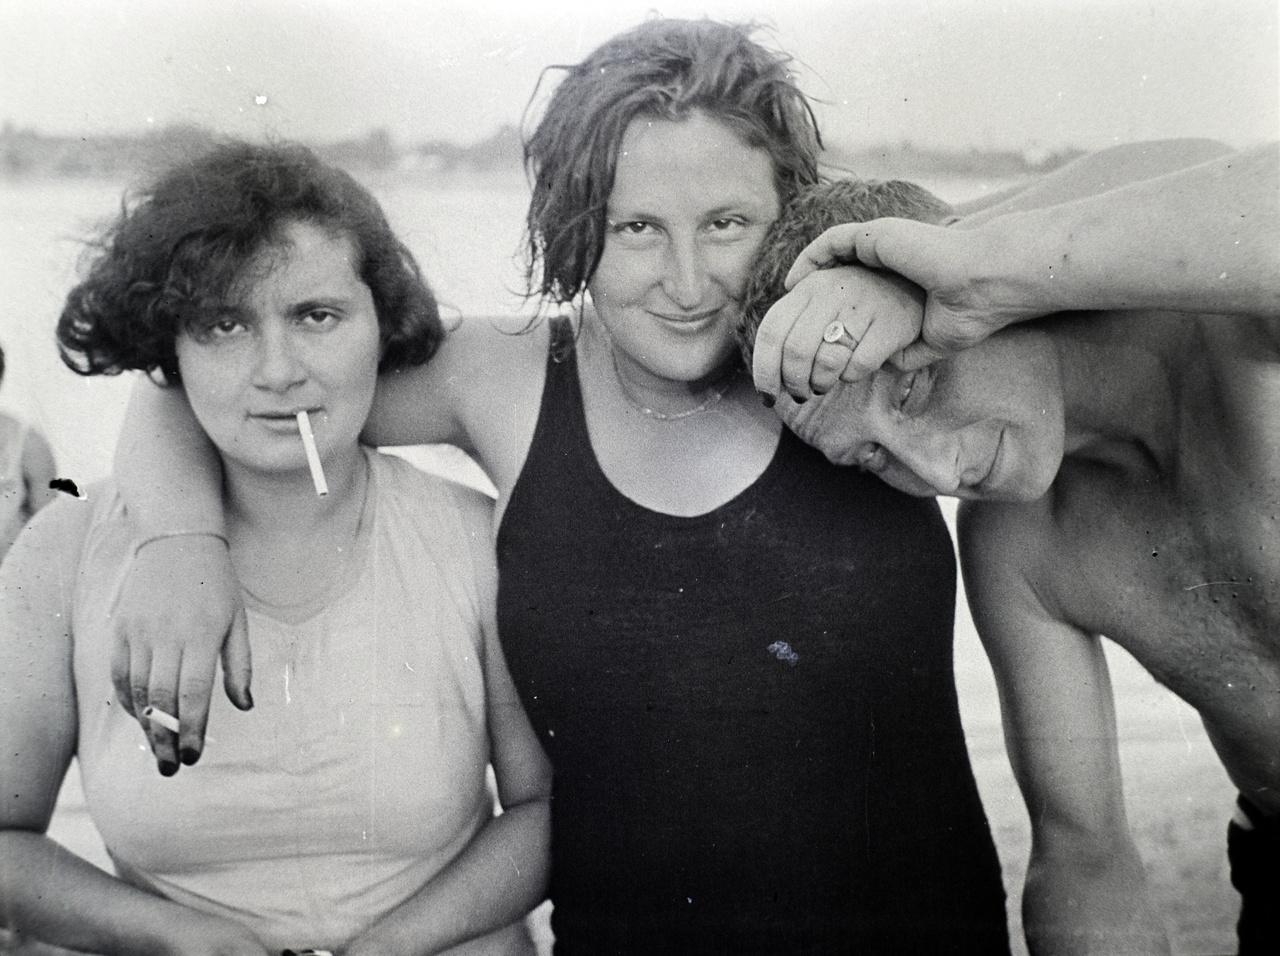 Kurtz Aguszta, Reismann Marian és Ferenc valahol a Dunaparton. Reismann Marian ekkor már megnyitotta első fotóműtermét és ő fotózta a Feuer-Kurtz tervezőpáros munkáit is.